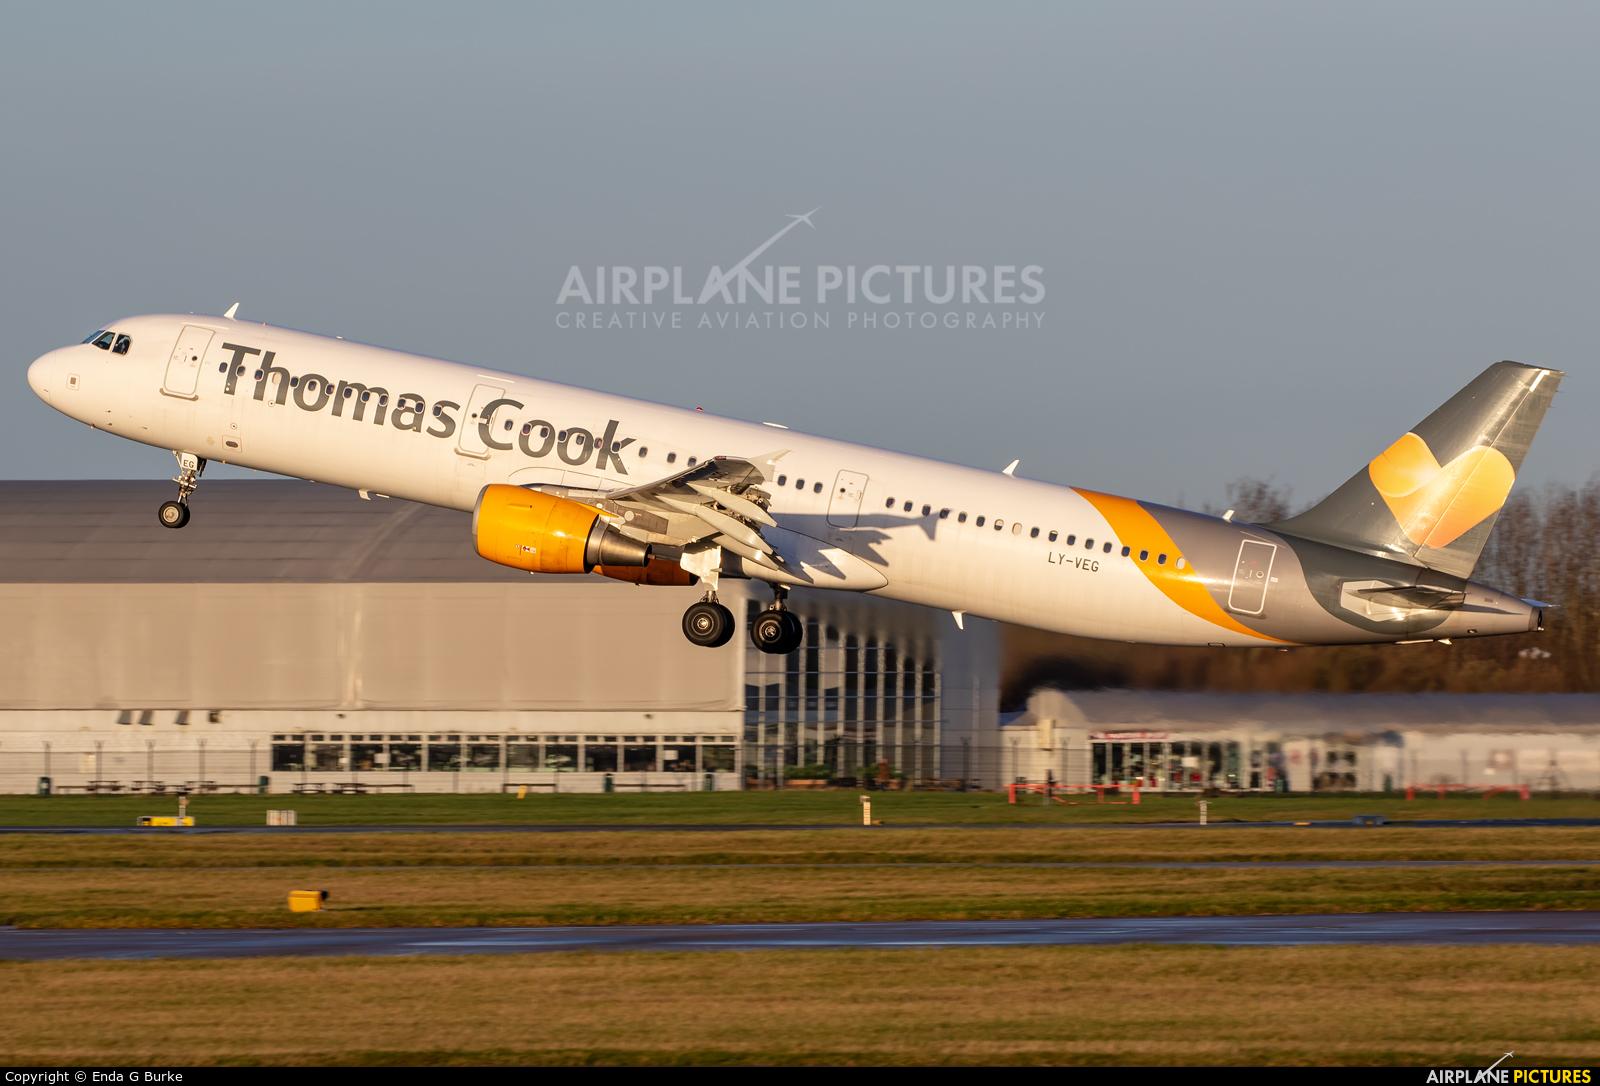 Thomas Cook LY-VEG aircraft at Manchester